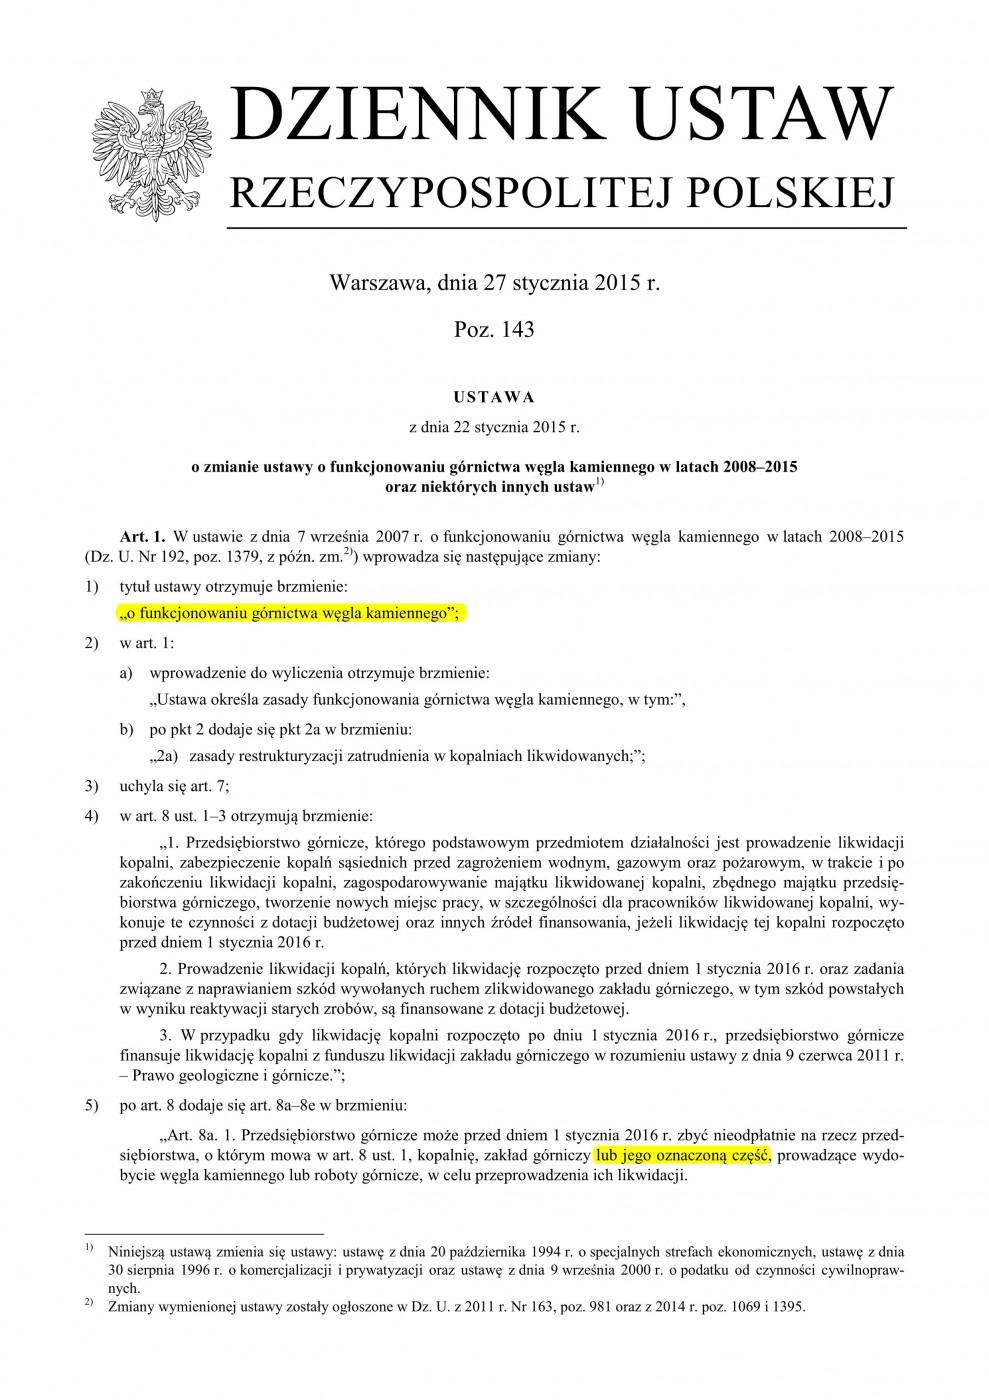 Ustawa-gornicza-wraz-z-zapisami-dla-ZPMW_D20150143_01